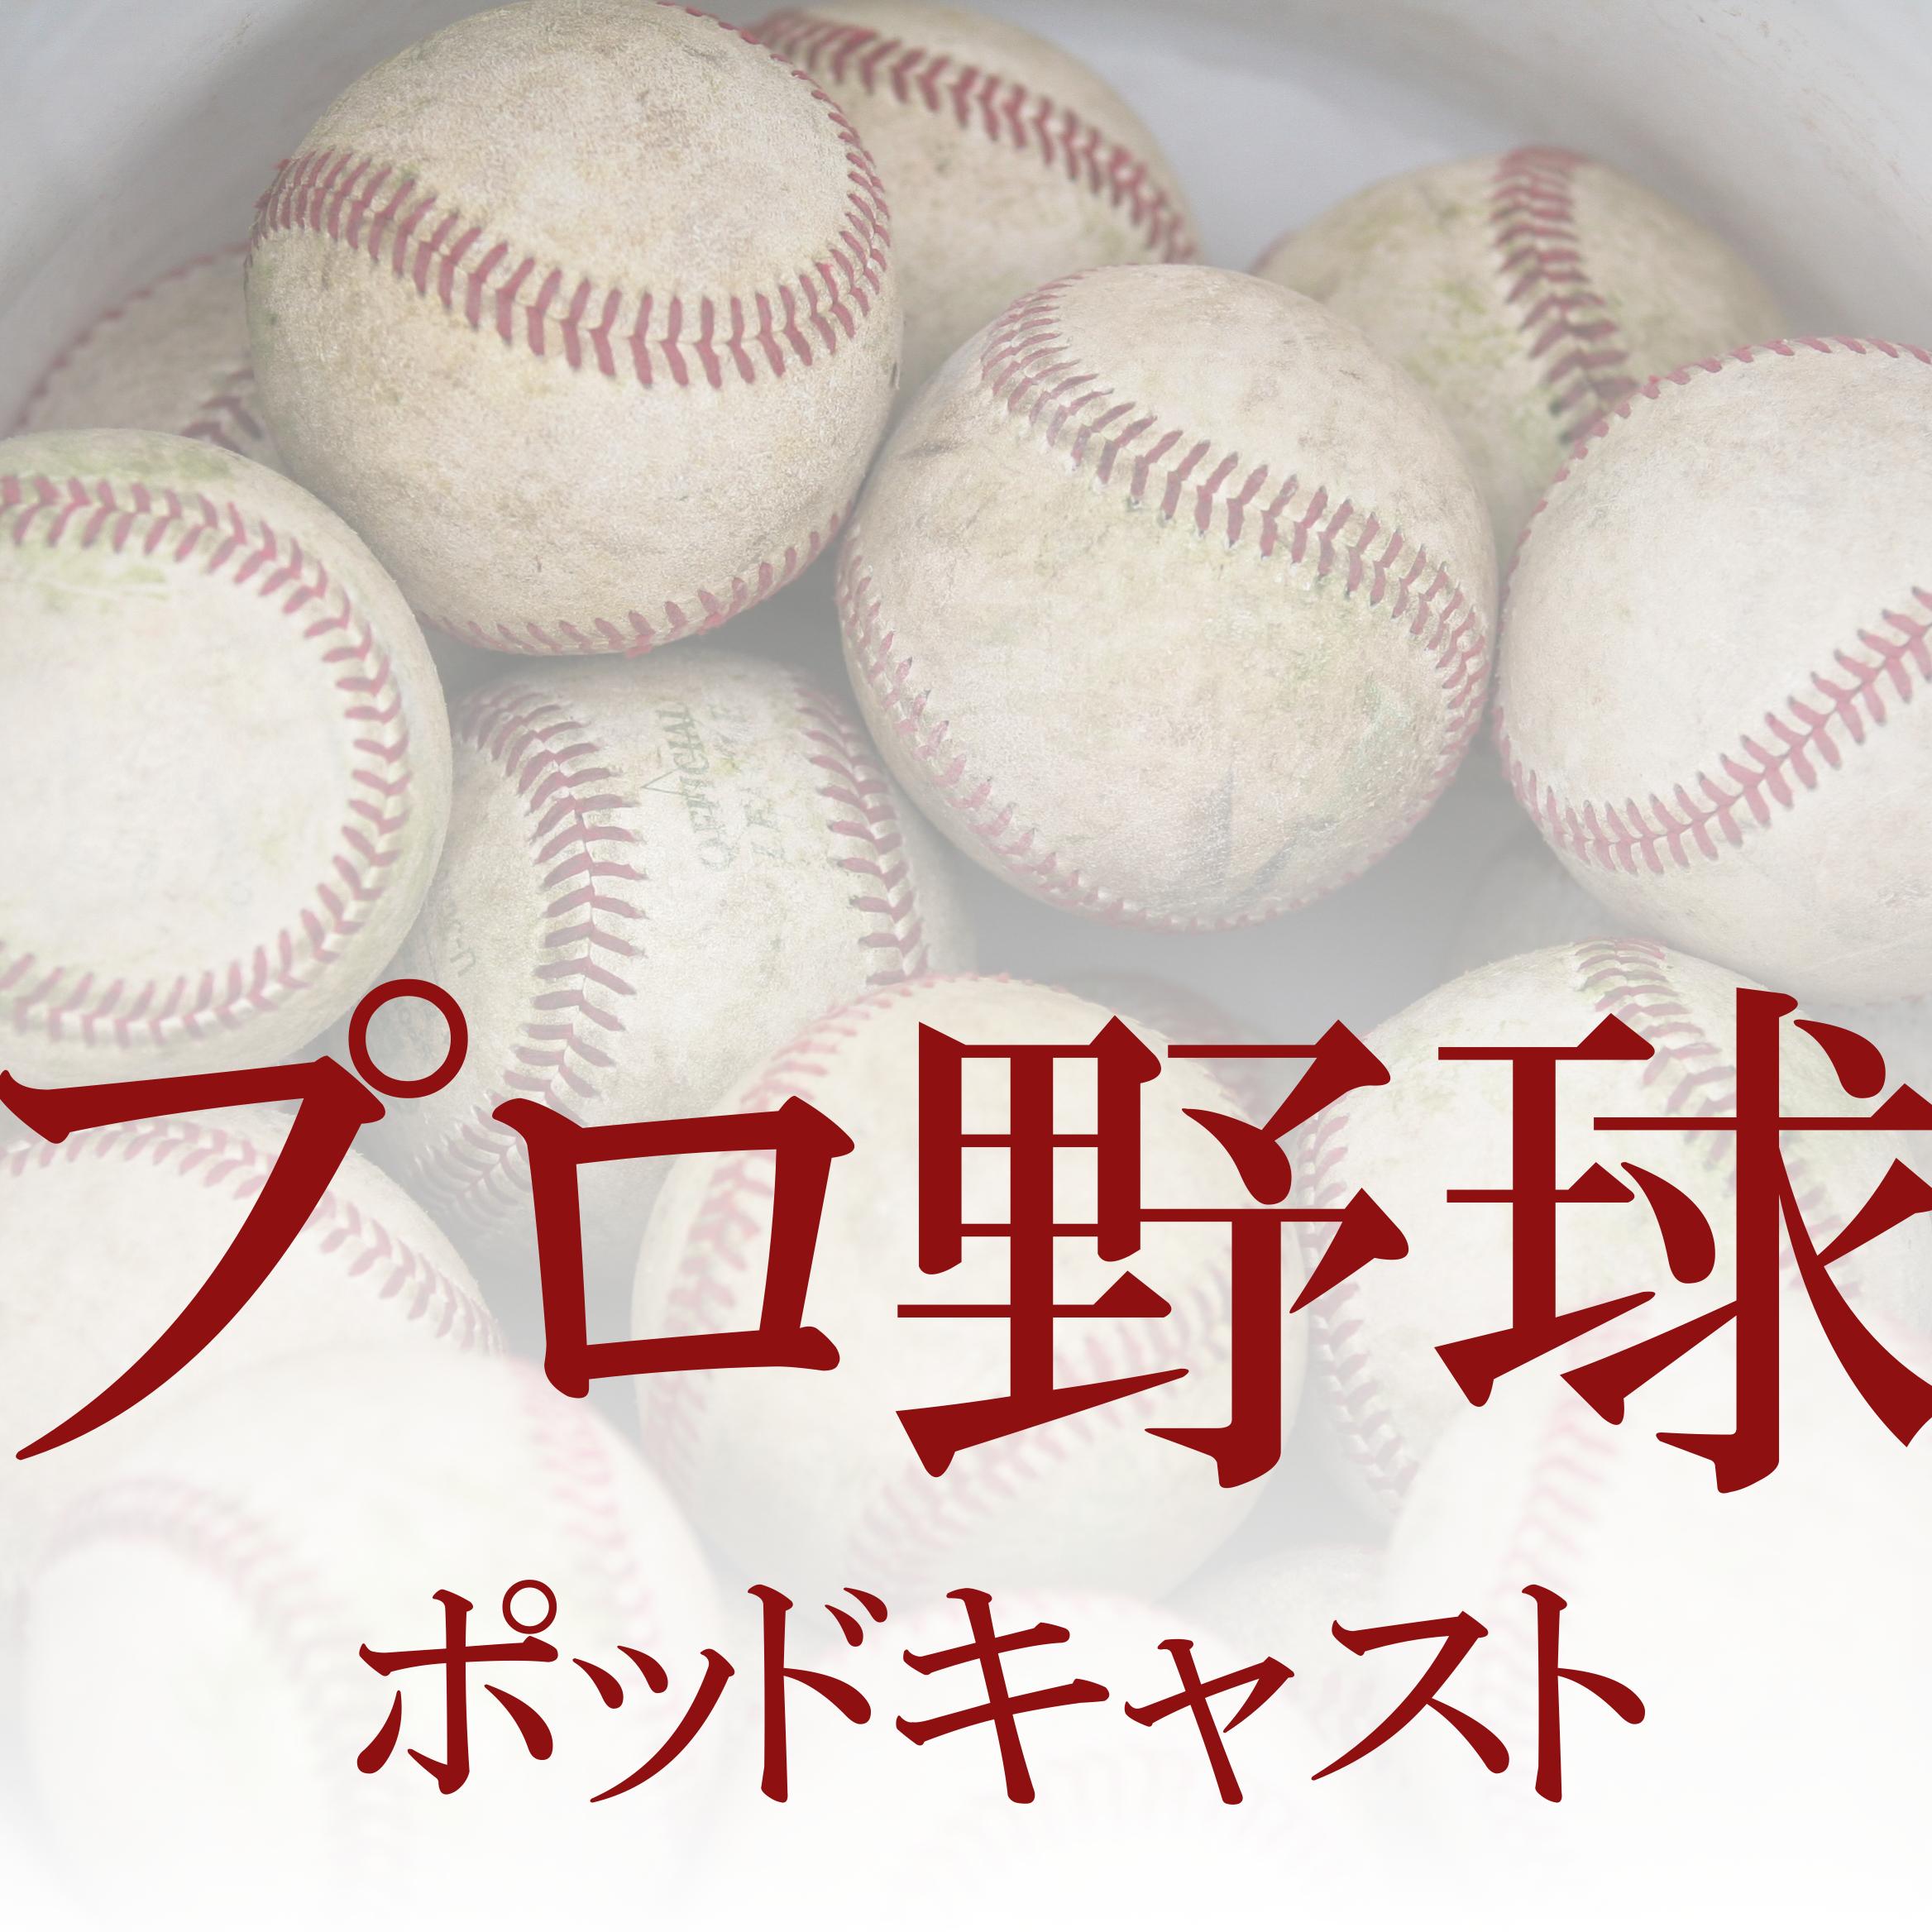 横浜DeNAベイスターズ Vol.1 2016年3月 (スーミンさん)